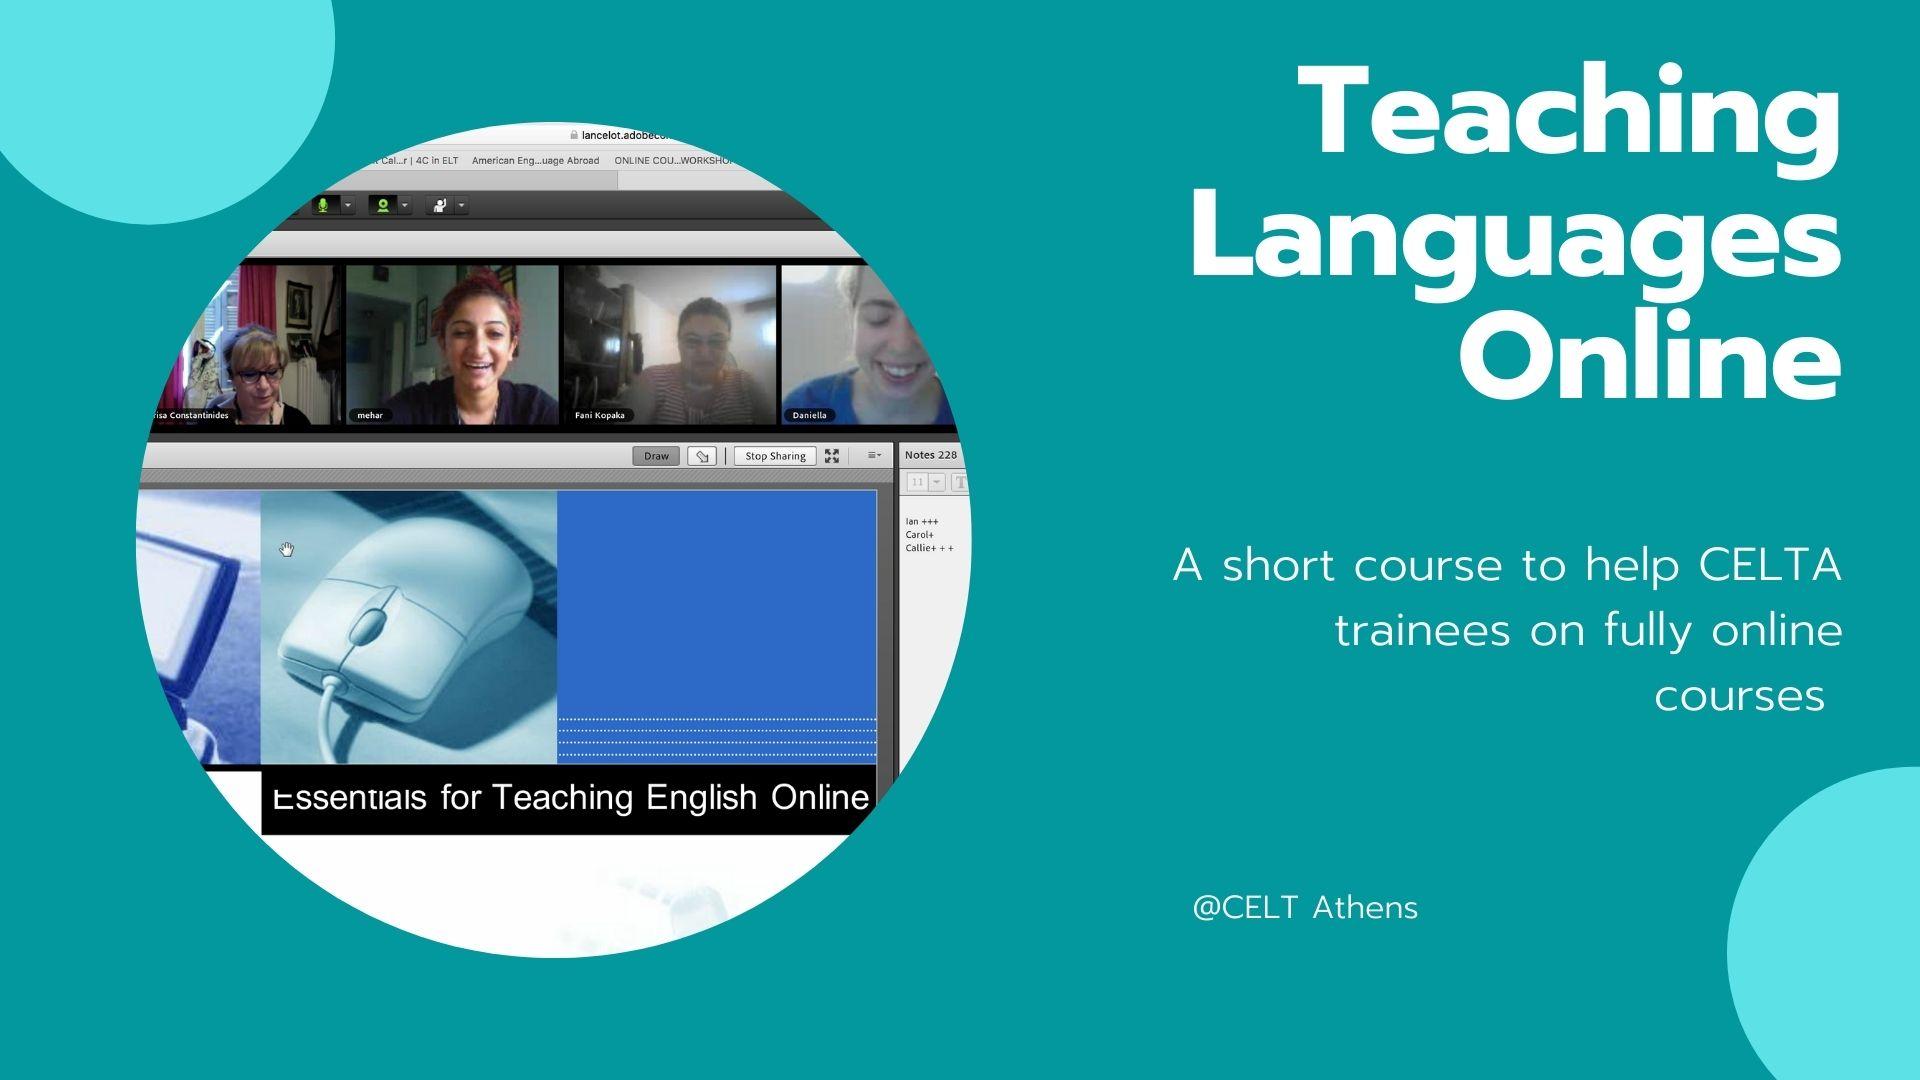 Teaching Languages Online 4